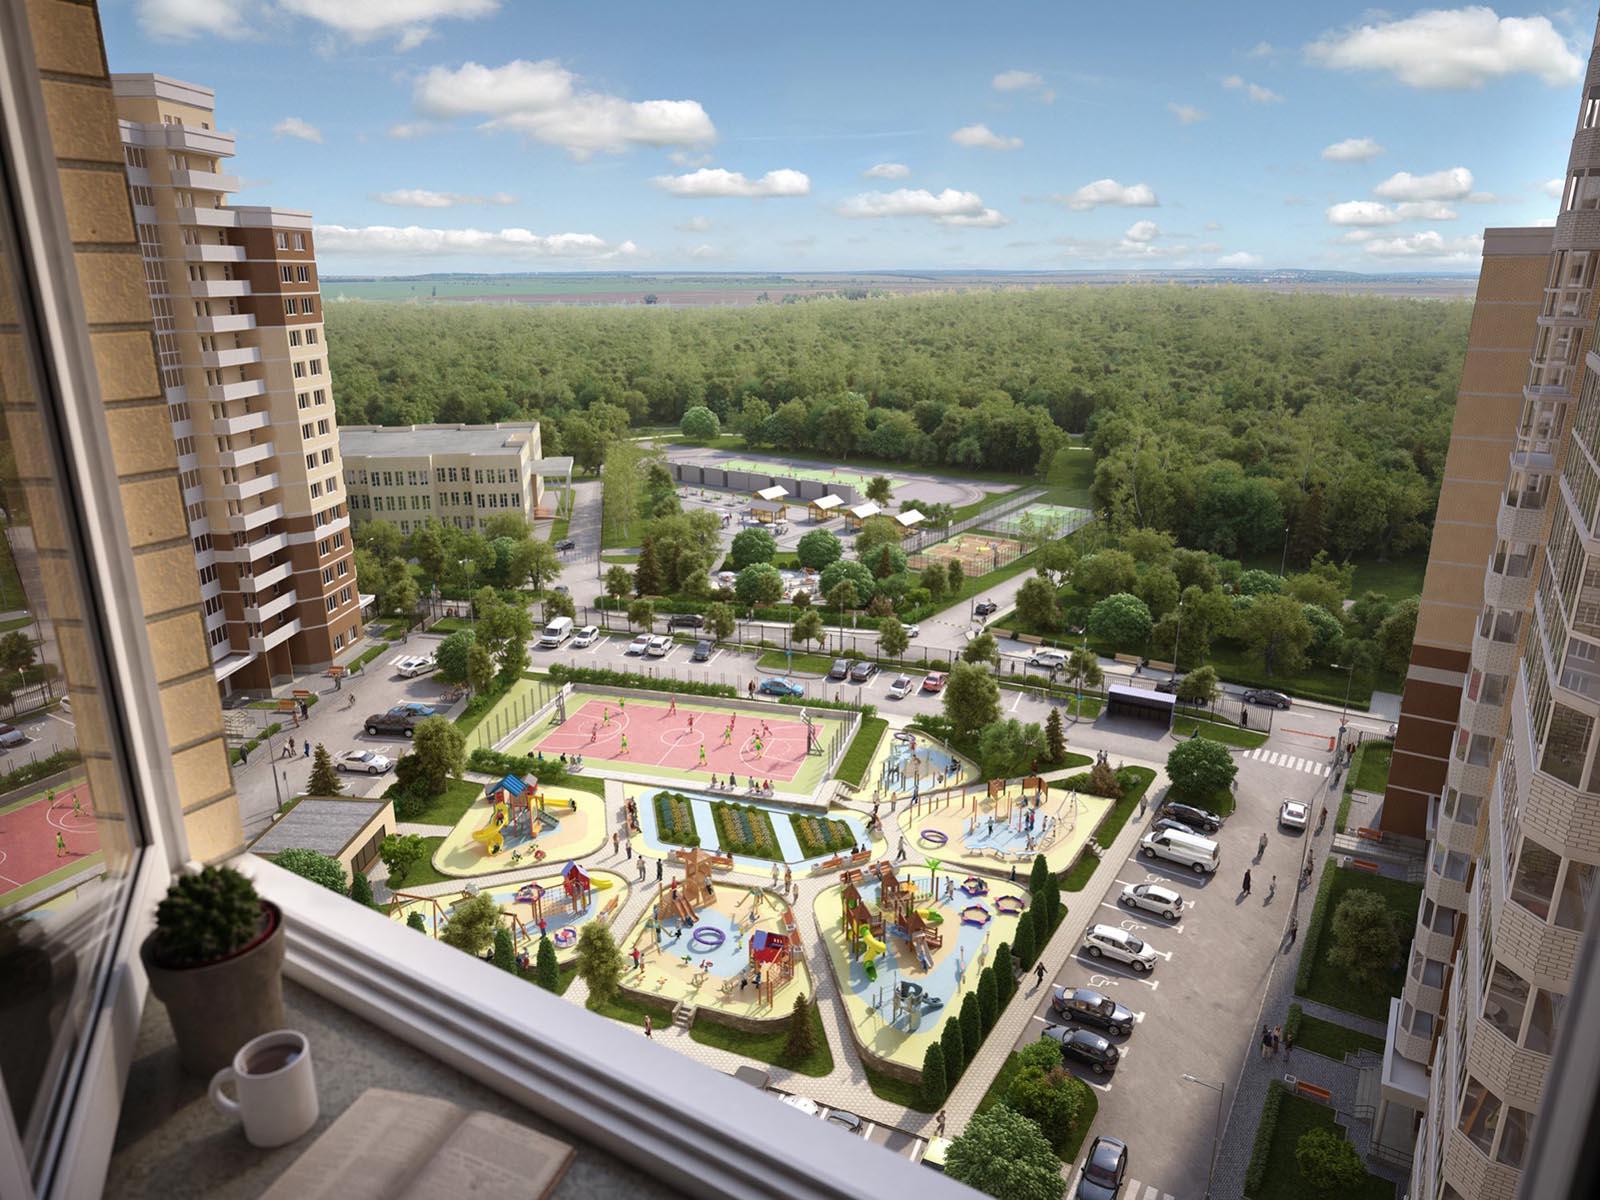 В ЖК «Одинбург» состоится дизайн-бранч для будущих жителей корпуса «B»